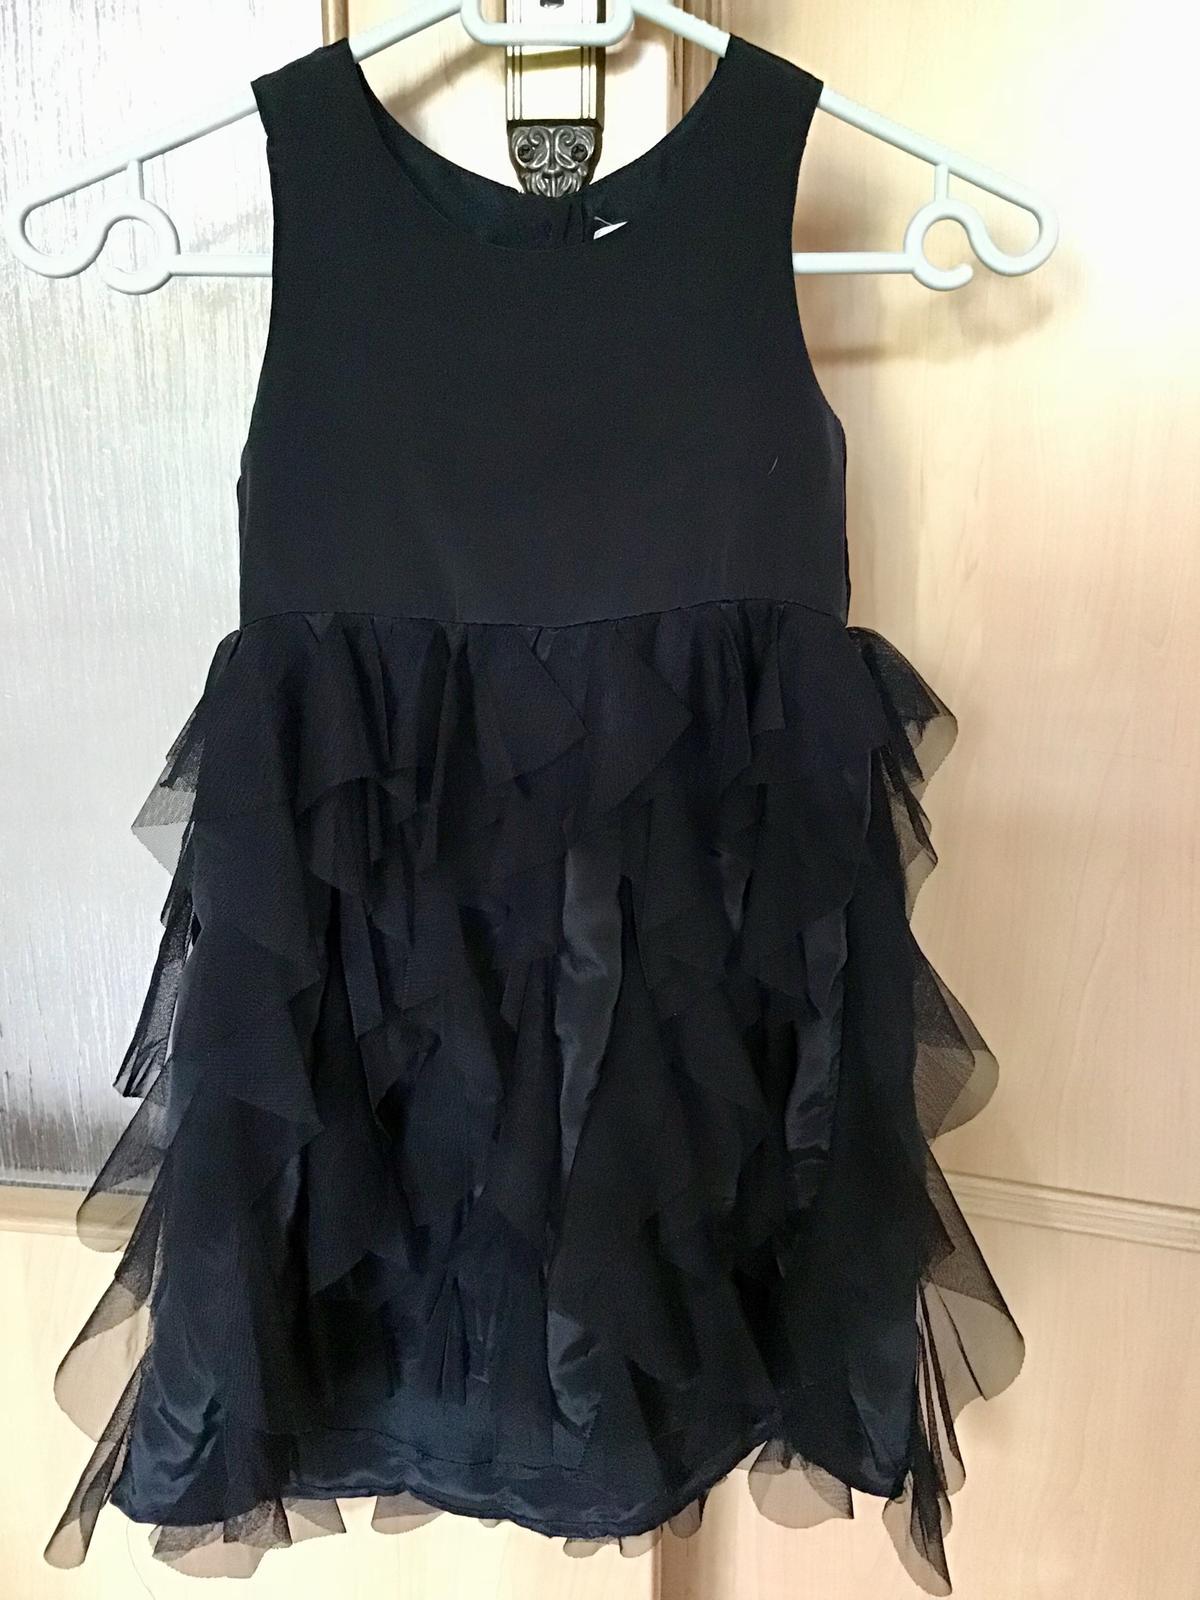 Volanove šaty H&M 4-5r. - Obrázok č. 1